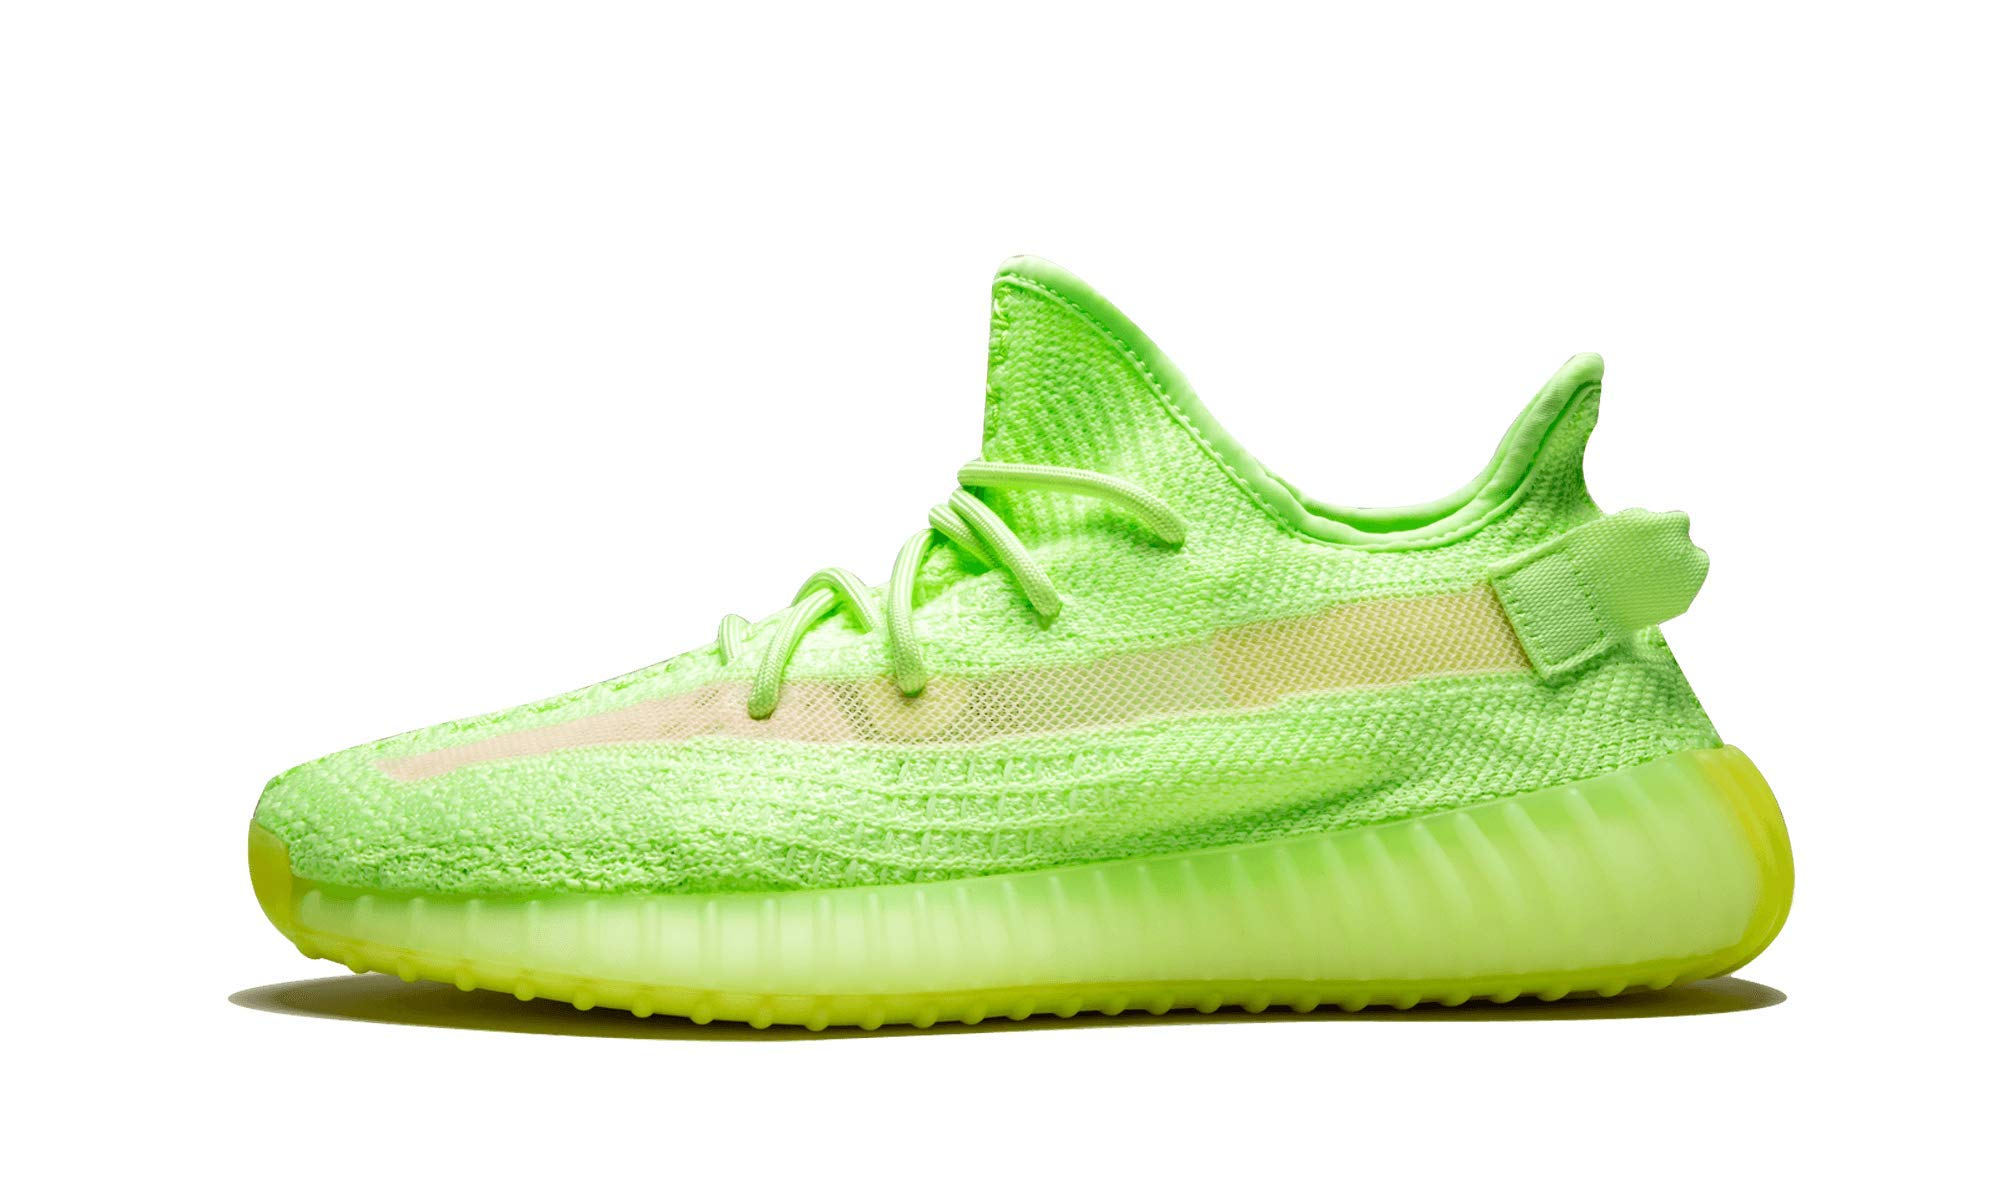 adidas Yeezy Boost 350 V2 (Glow/Glow-Glow, 11) by adidas